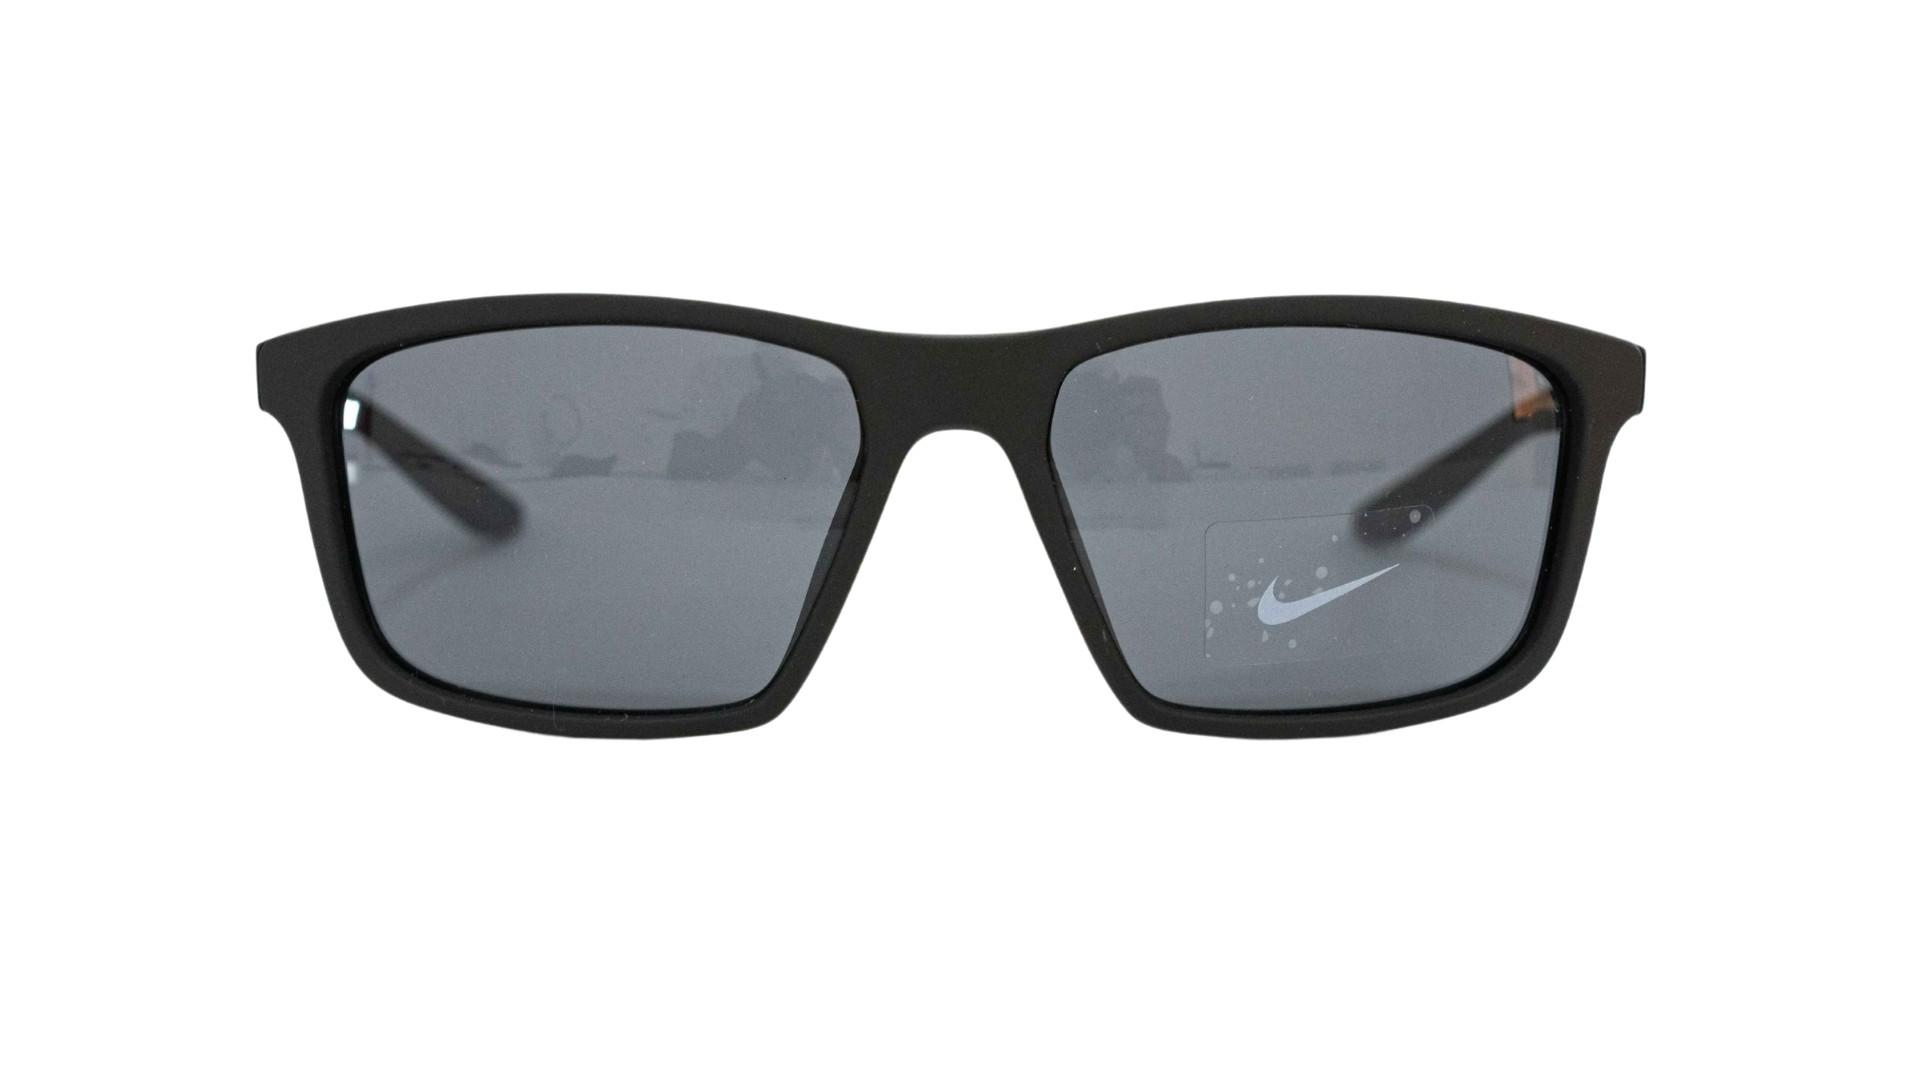 Óculos Nike Retangular CW4645 010 60 Preto